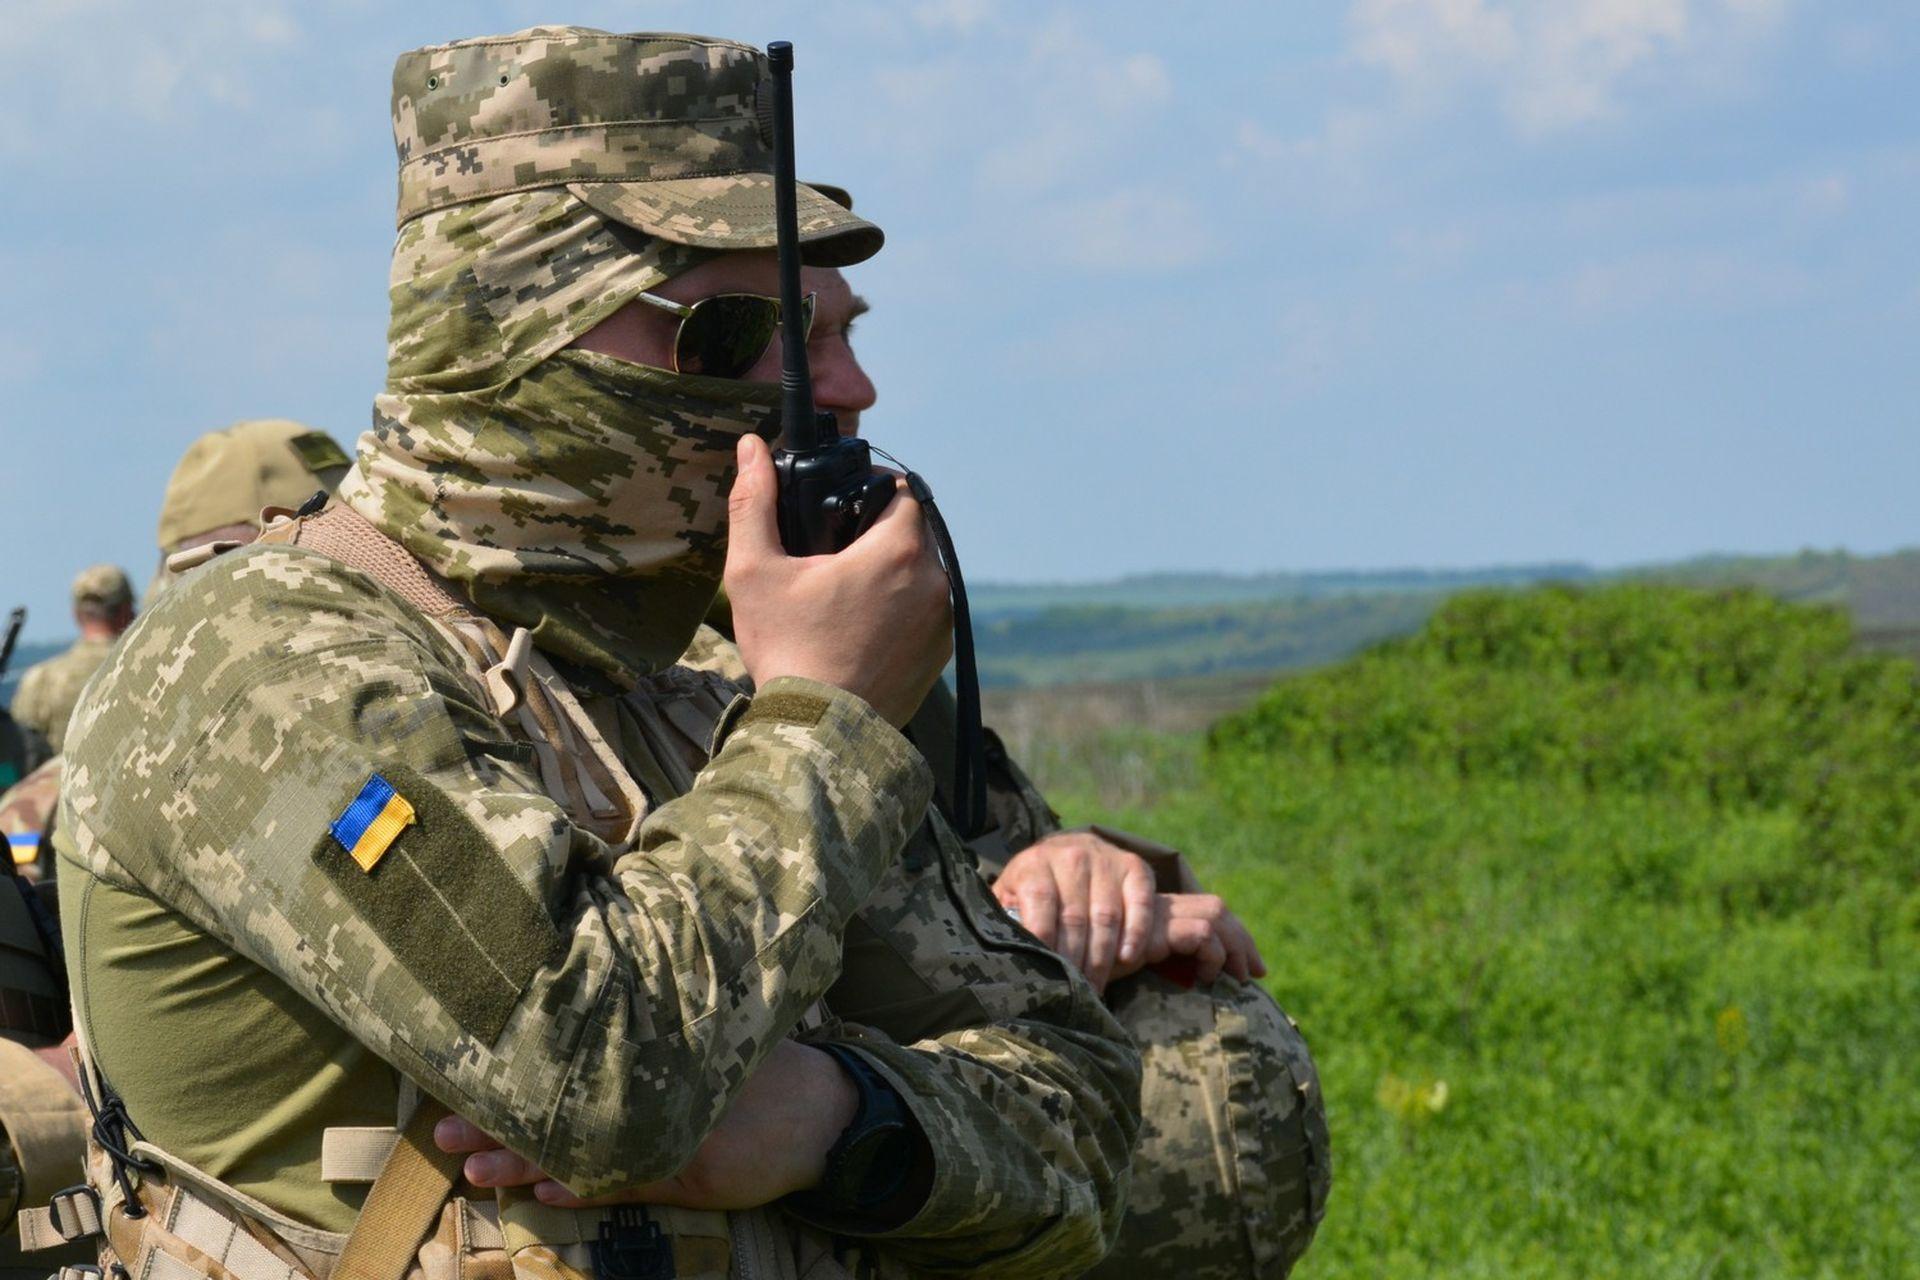 В Україні стартують масштабні військові навчання Rapid Trident-2018